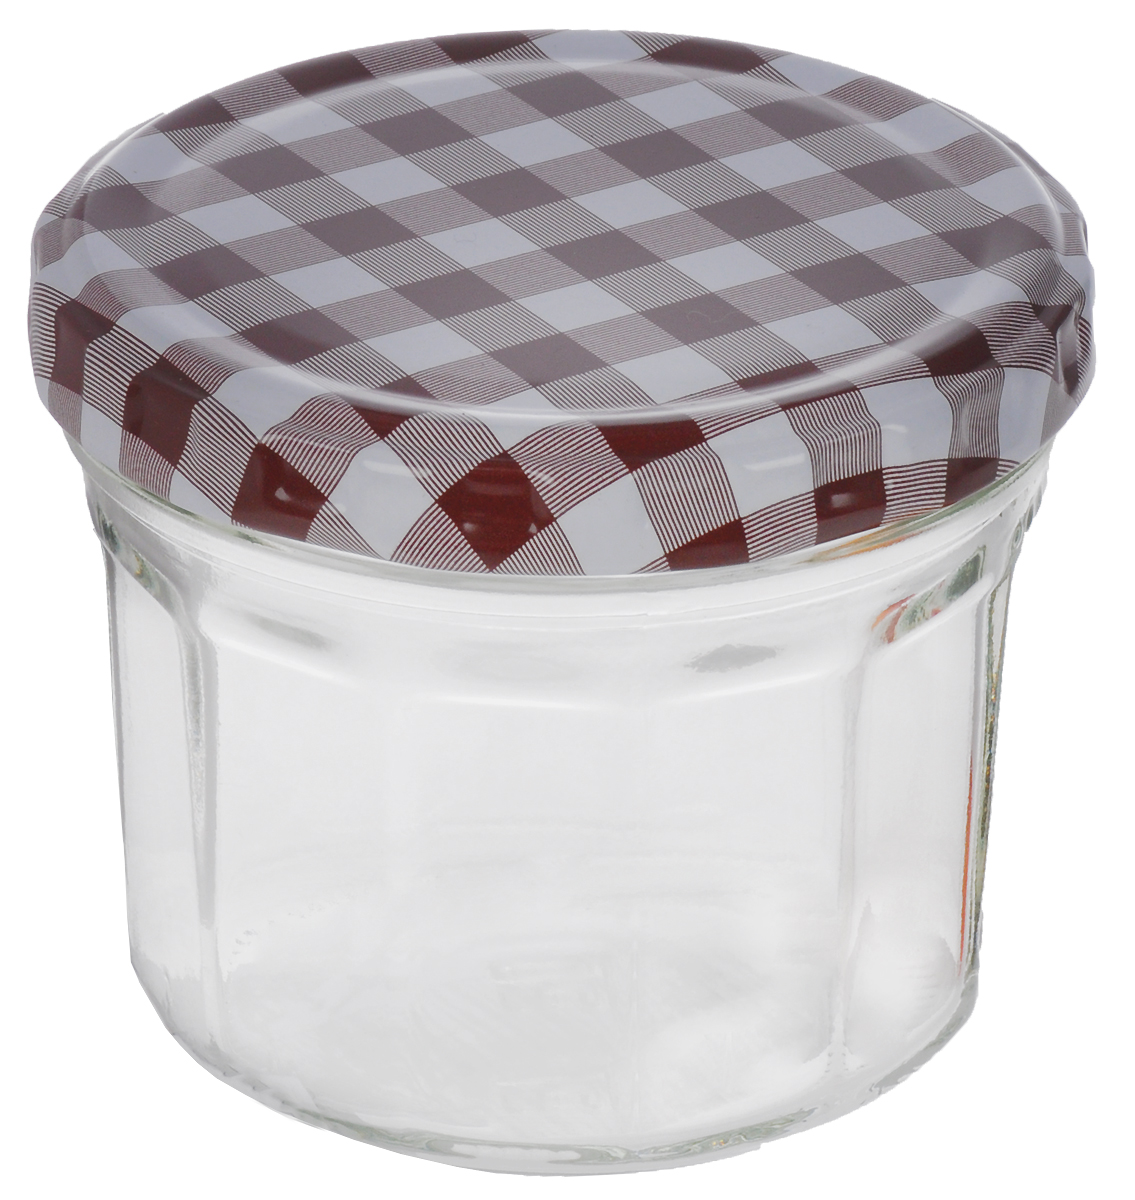 """Банка для сыпучих продуктов Einkochwelt """"Twist"""" изготовлена из прочного стекла и дополнена  металлической крышкой. Такая модель станет незаменимым помощником на любой кухне. В ней  будет удобно хранить сыпучие продукты, такие, как чай, кофе, соль, сахар, крупы, макароны и  многое другое. Емкость плотно закрывается крышкой, благодаря которой дольше сохраняя  аромат и свежесть содержимого. Оригинальная форма и цвет банки позволит ей стать не  только полезным изделием, но и украшением интерьера вашей кухни. Объем банки: 240 мл."""